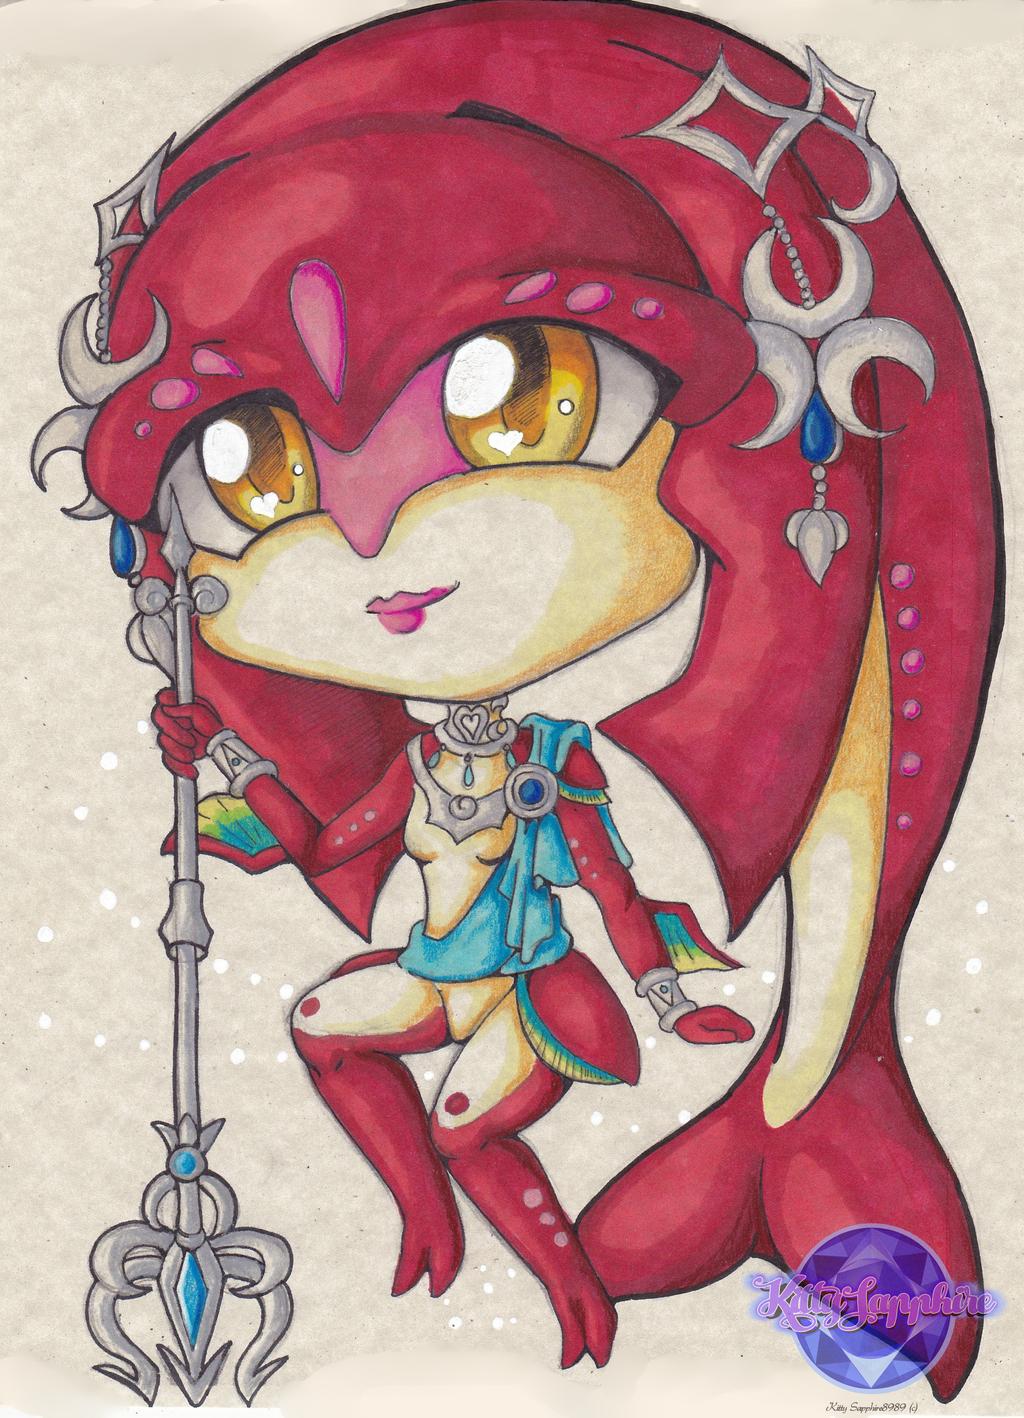 Chibi Mipha  by KSapphire8989